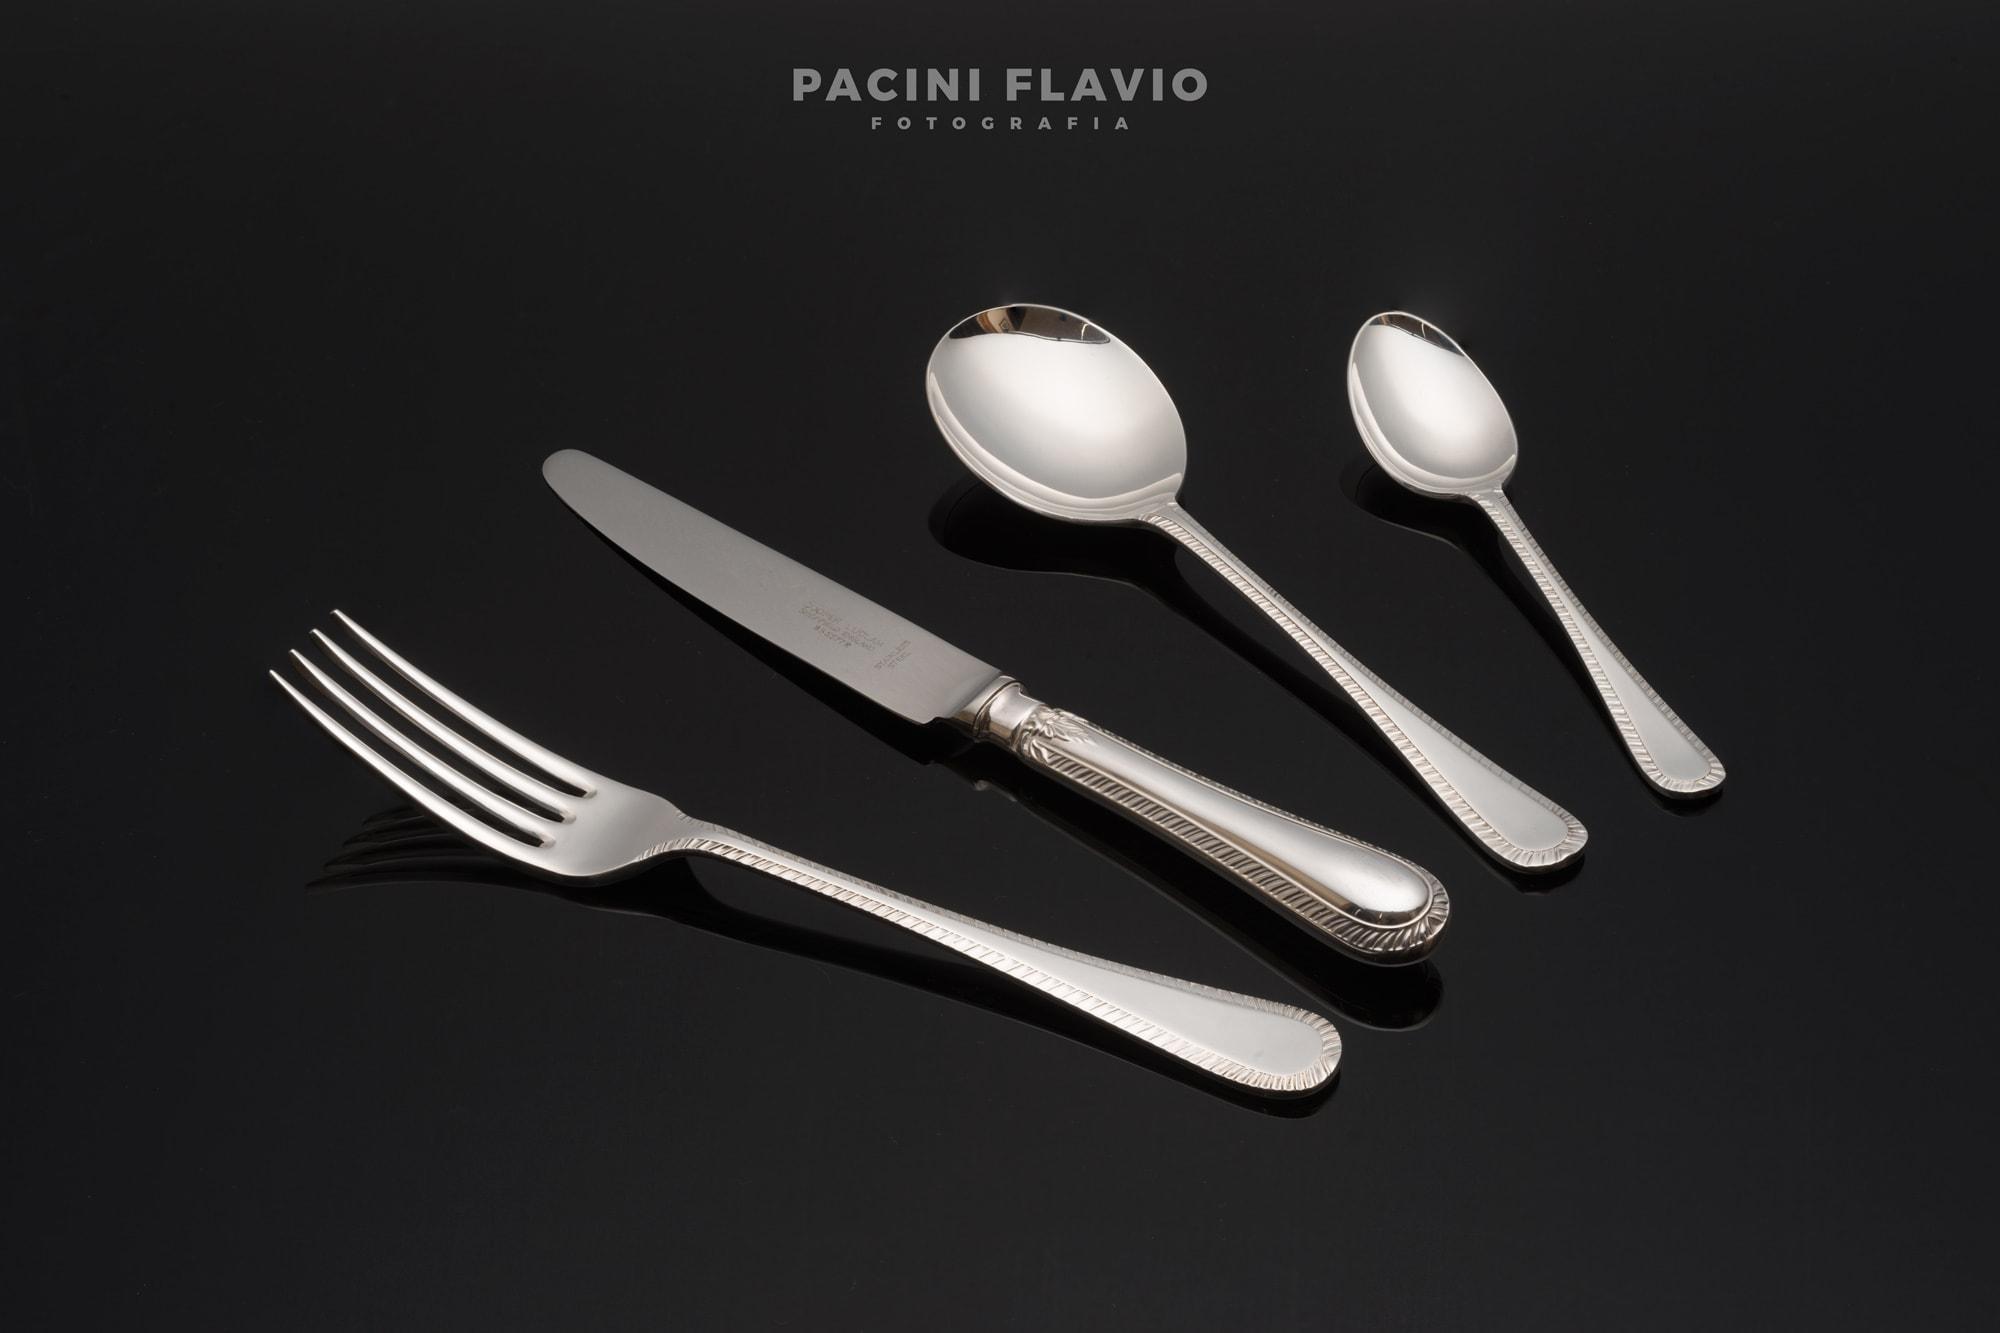 Servizio fotografico posate d'argento